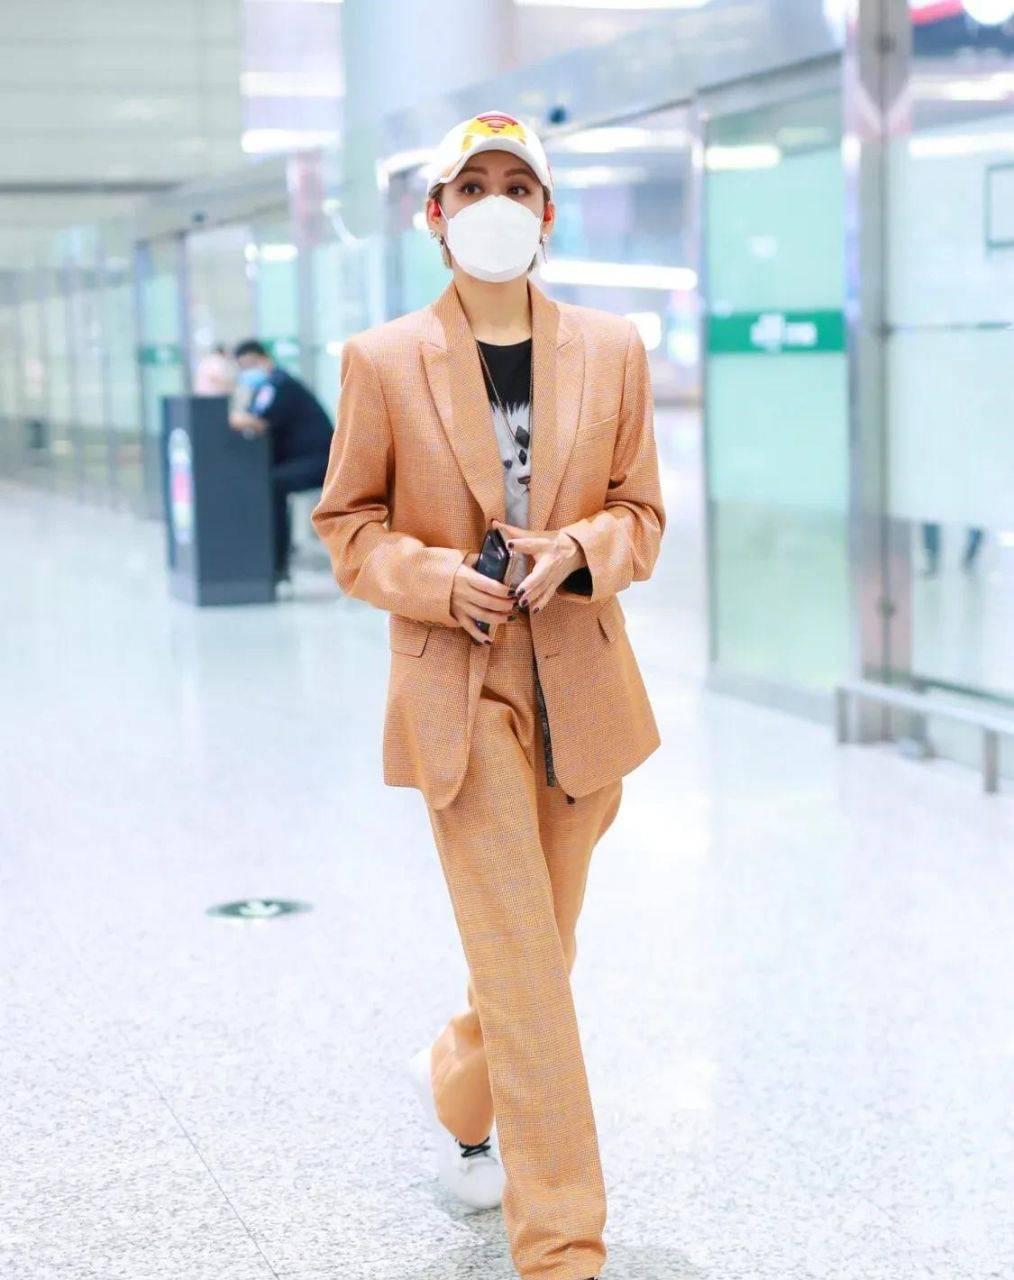 宁静越老越时尚,穿橘色西服现身机场,妥妥一枚帅气的大姐大!